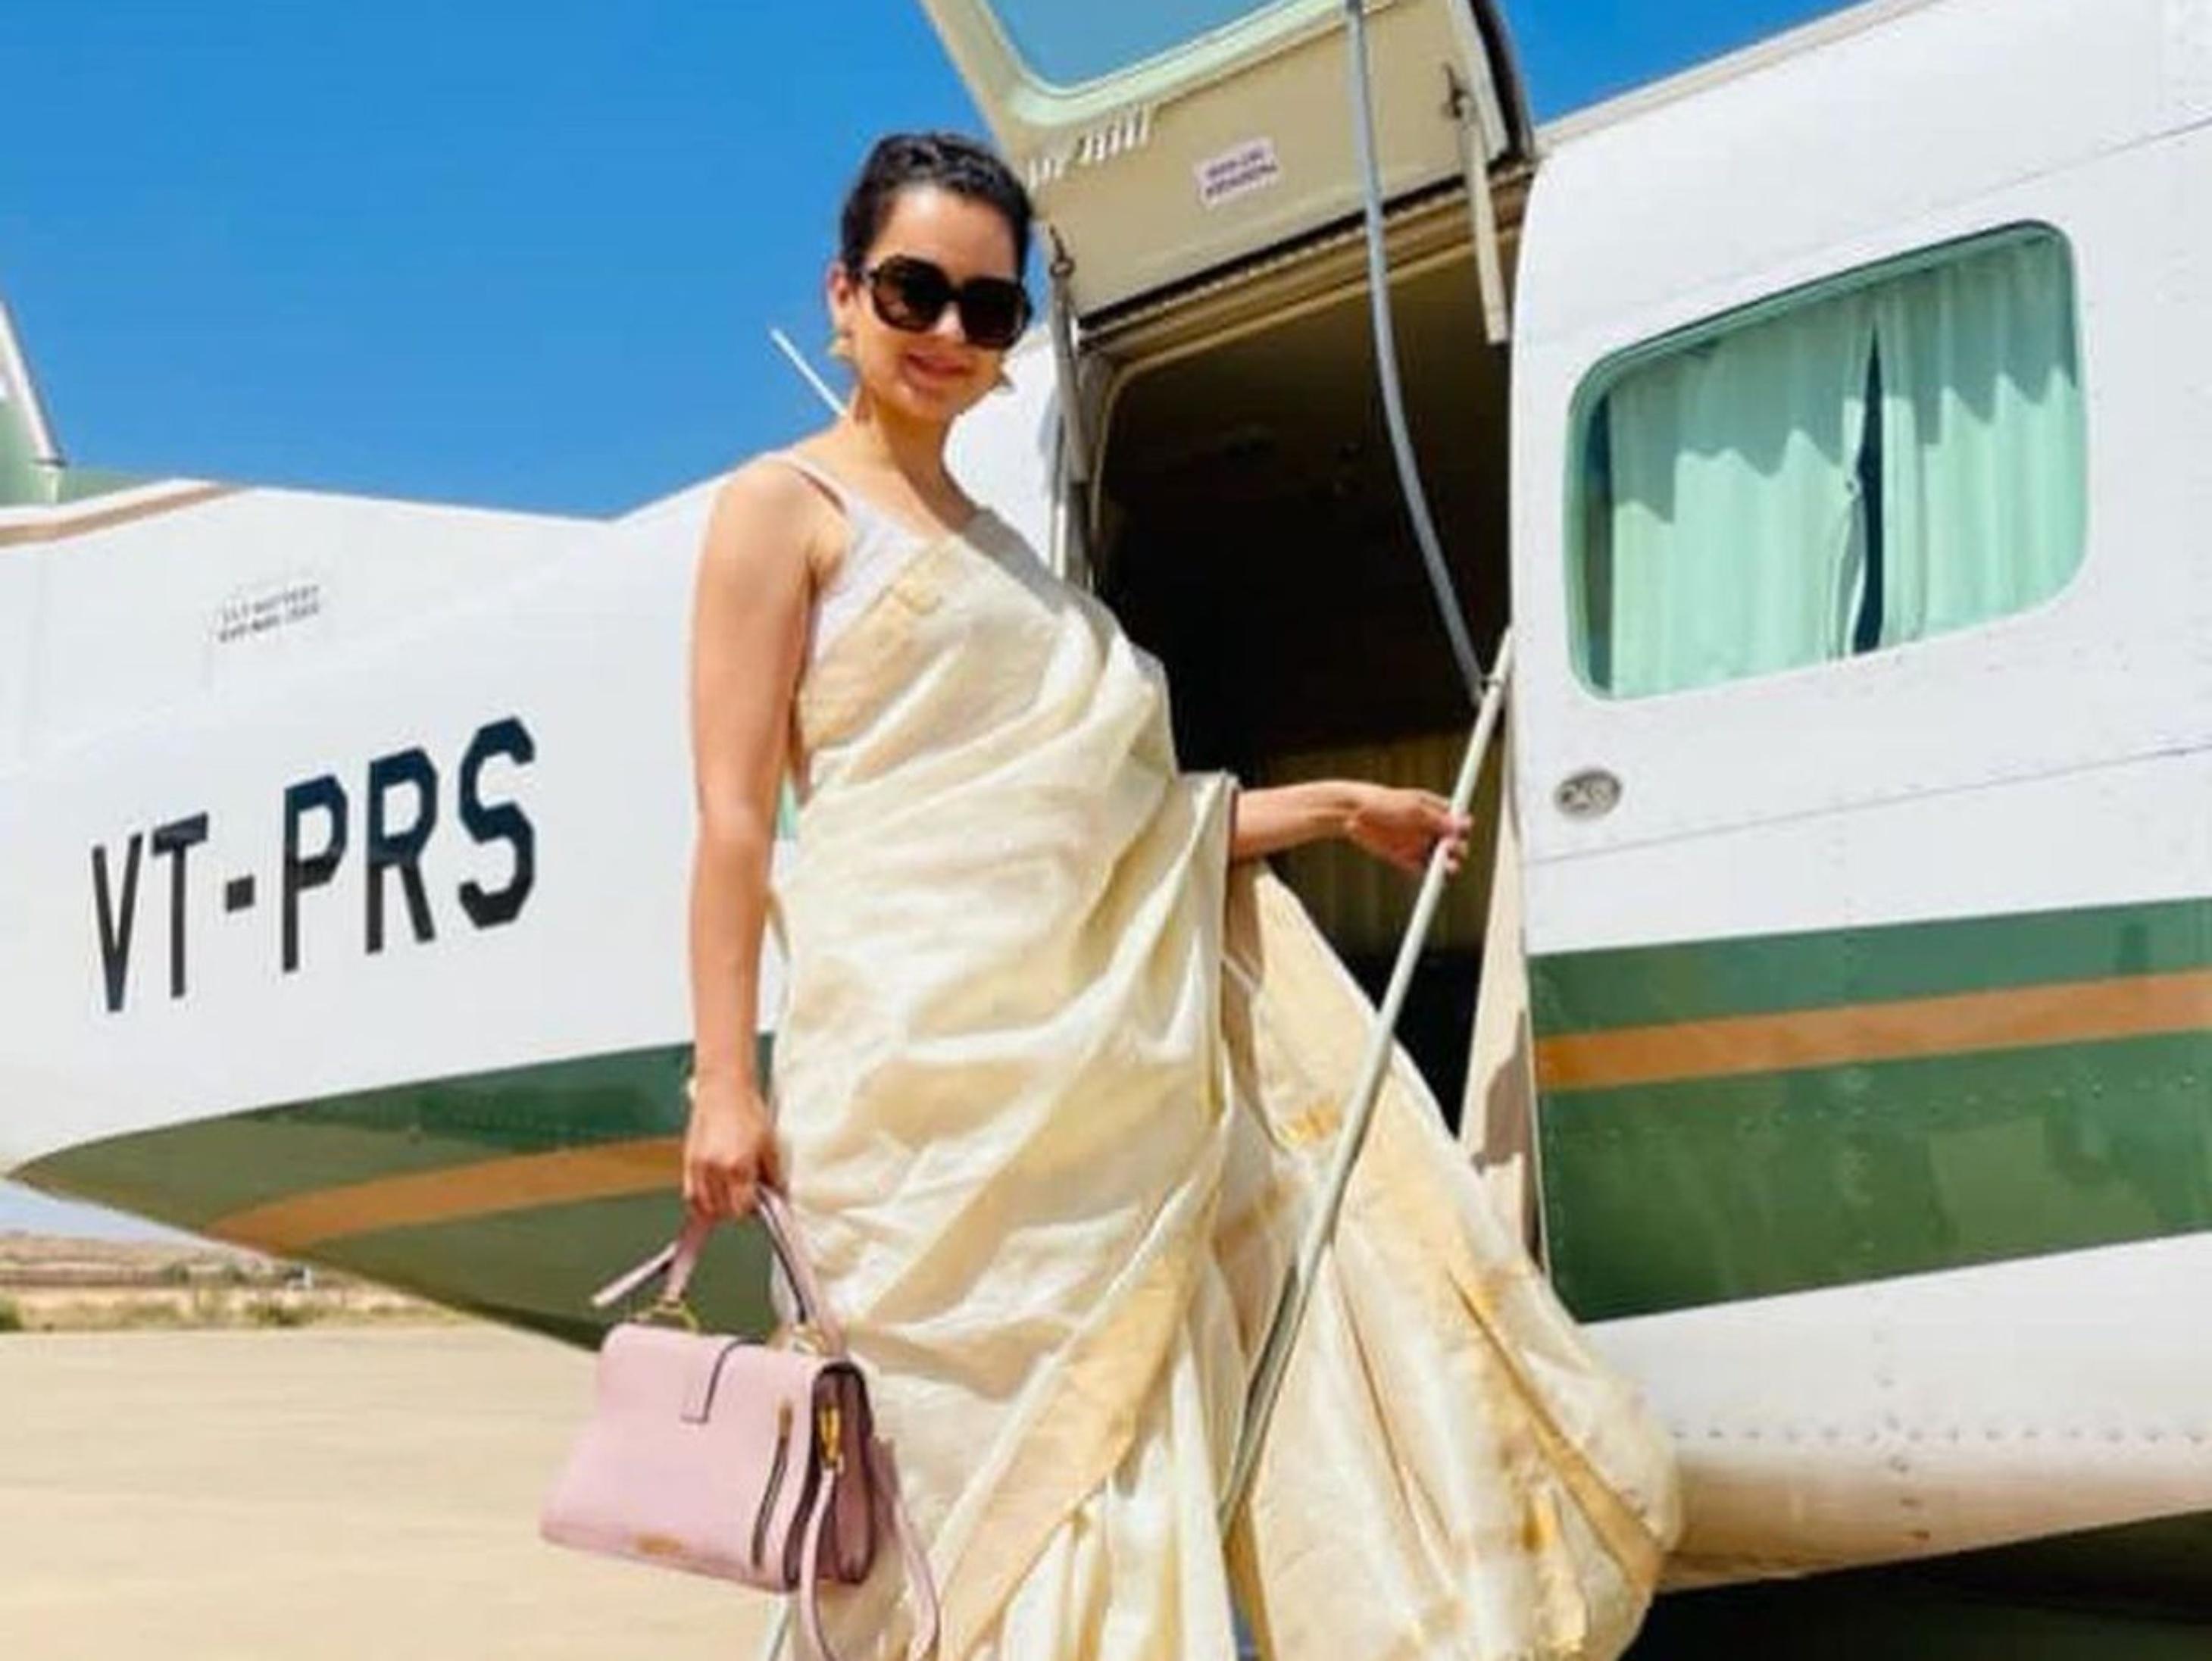 एक्ट्रेस के नाम दर्ज है देशद्रोह की FIR, सितंबर में पासपोर्ट हो जाएगा एक्सपायर लेकिन विभाग ने रीन्यू करने पर उठाई आपत्ति|बॉलीवुड,Bollywood - Dainik Bhaskar